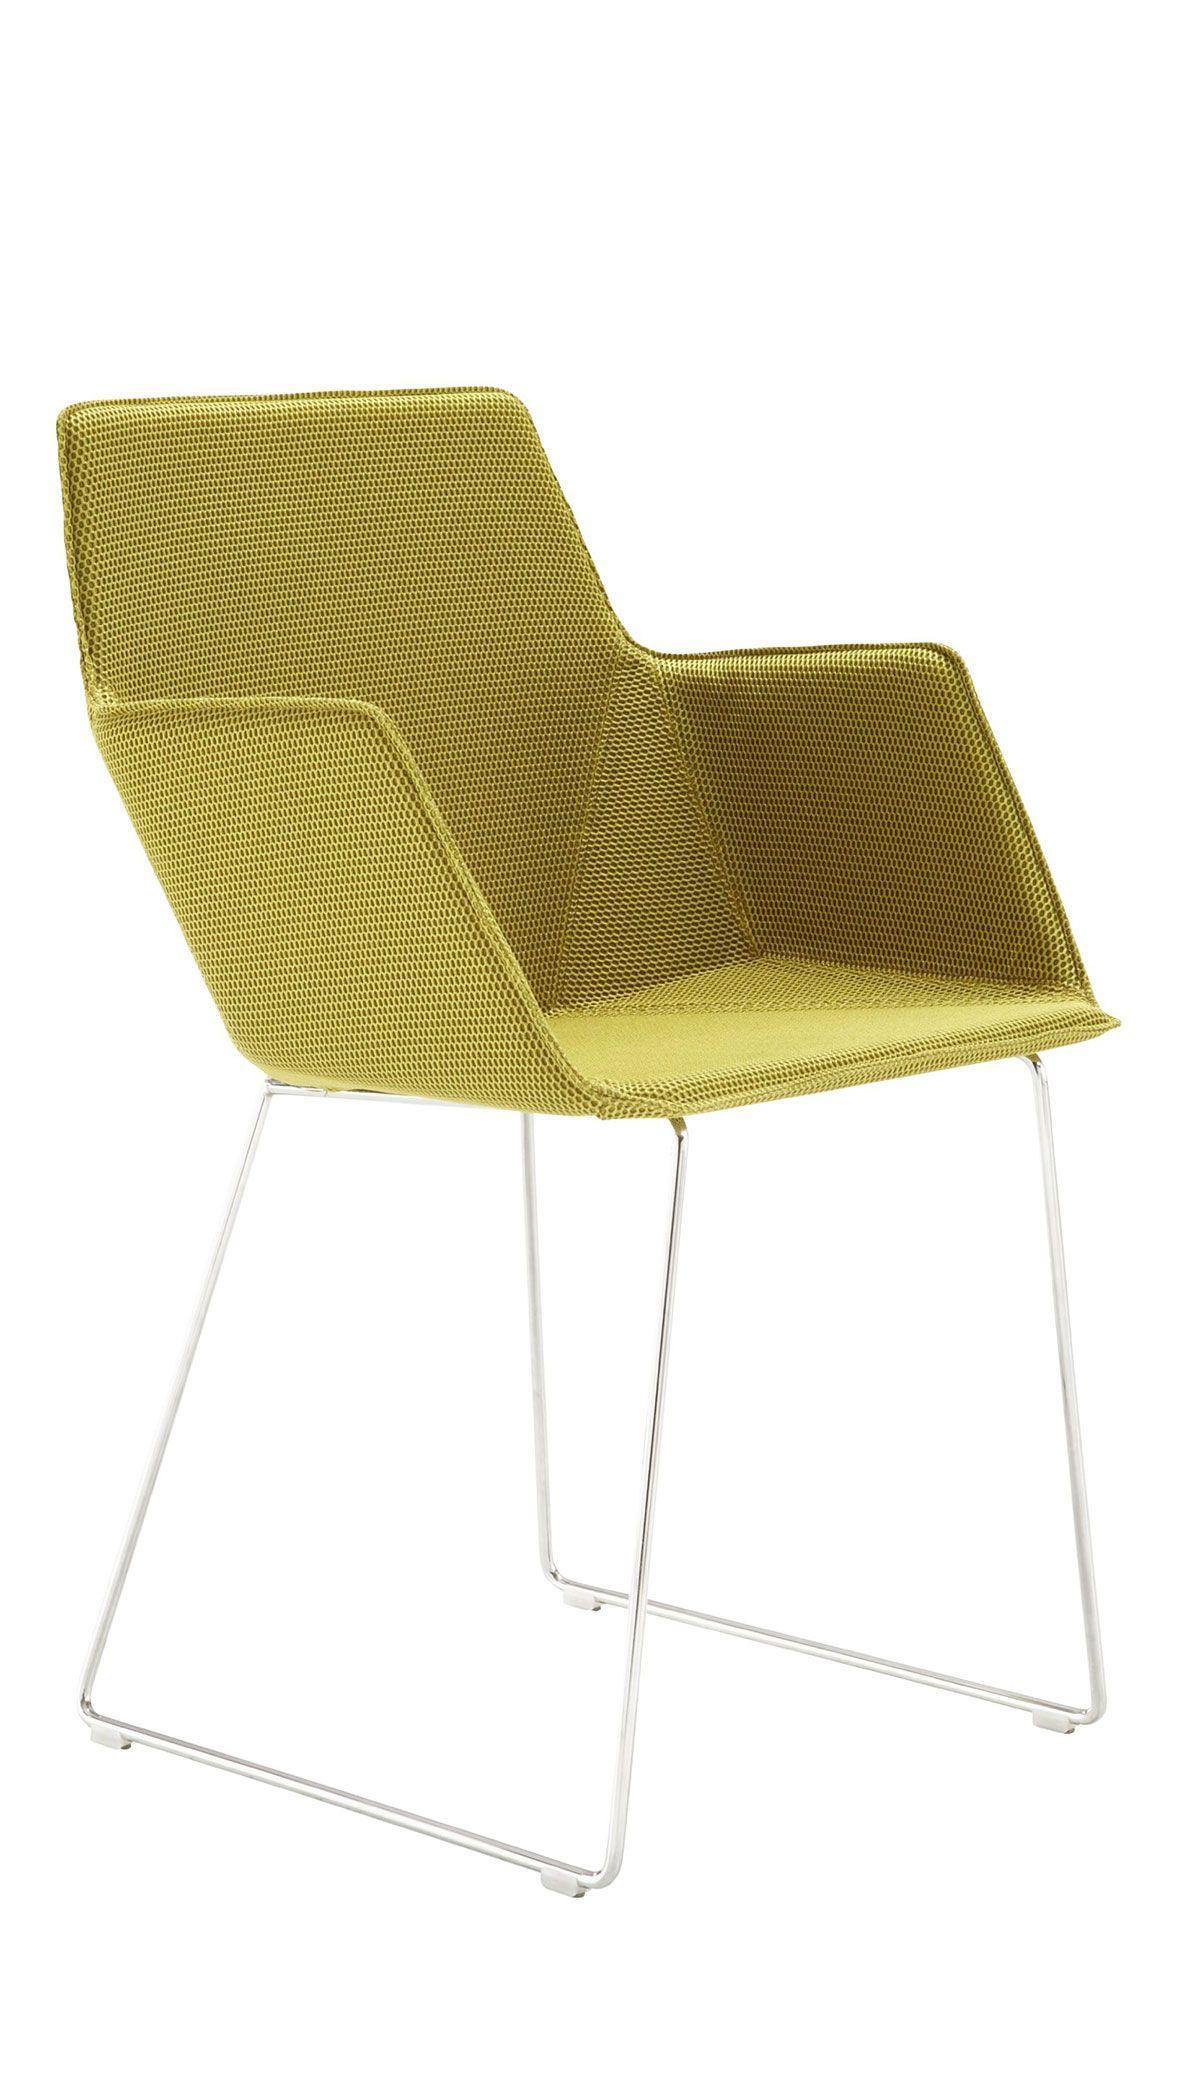 Elsa Dining Chair Designed By Francois Bauchet For Ligne Roset